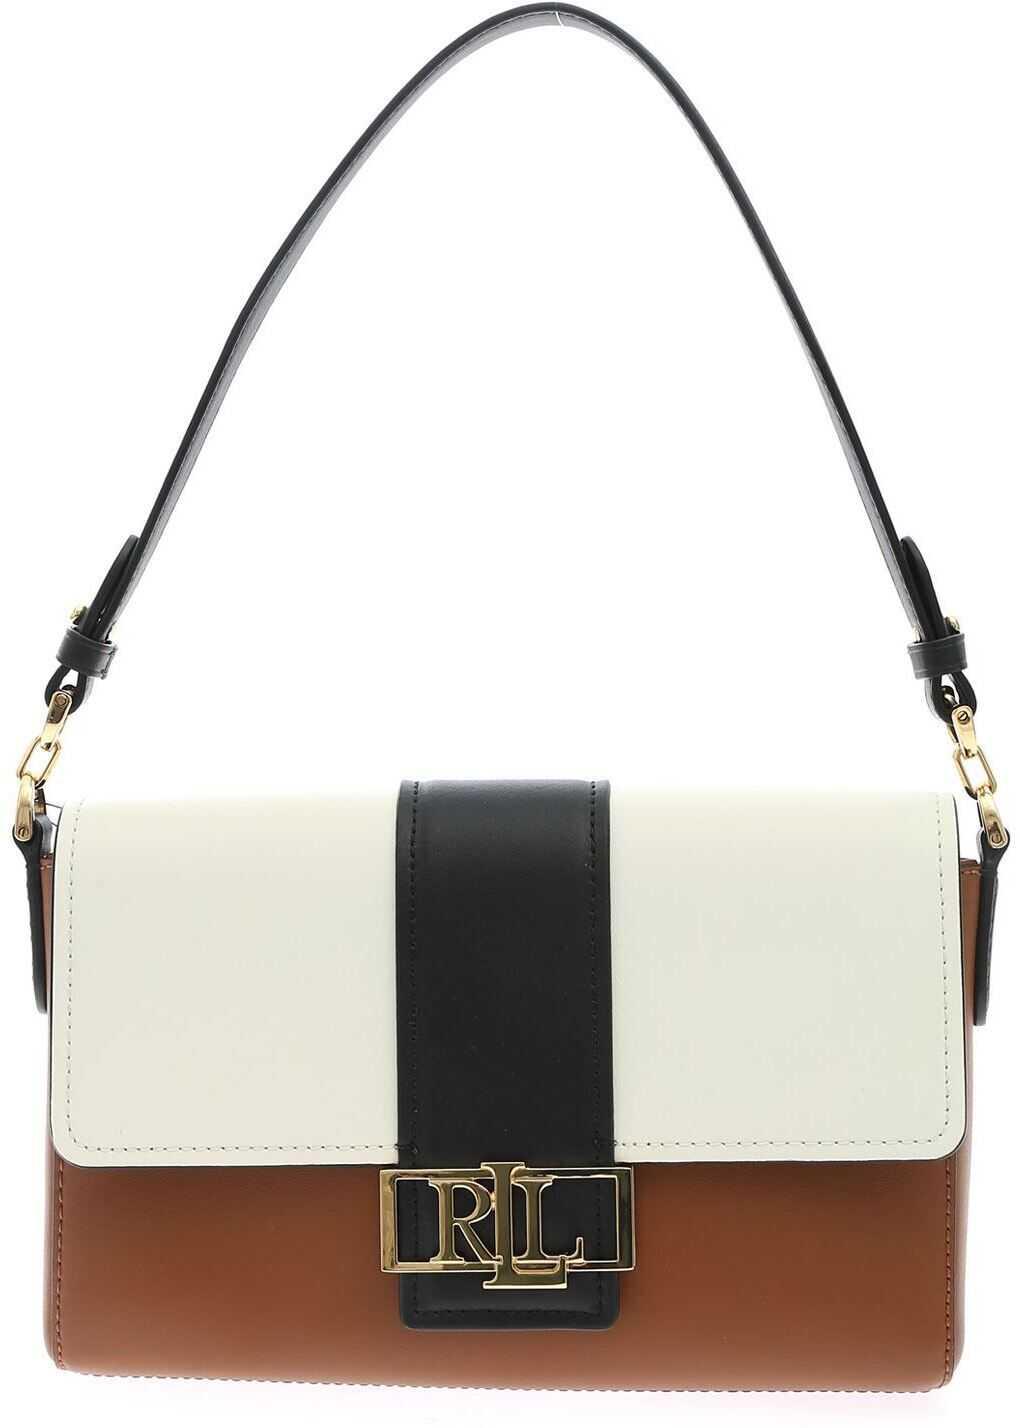 Ralph Lauren Spencer Bag In Black White And Brown 431826060002 White imagine b-mall.ro